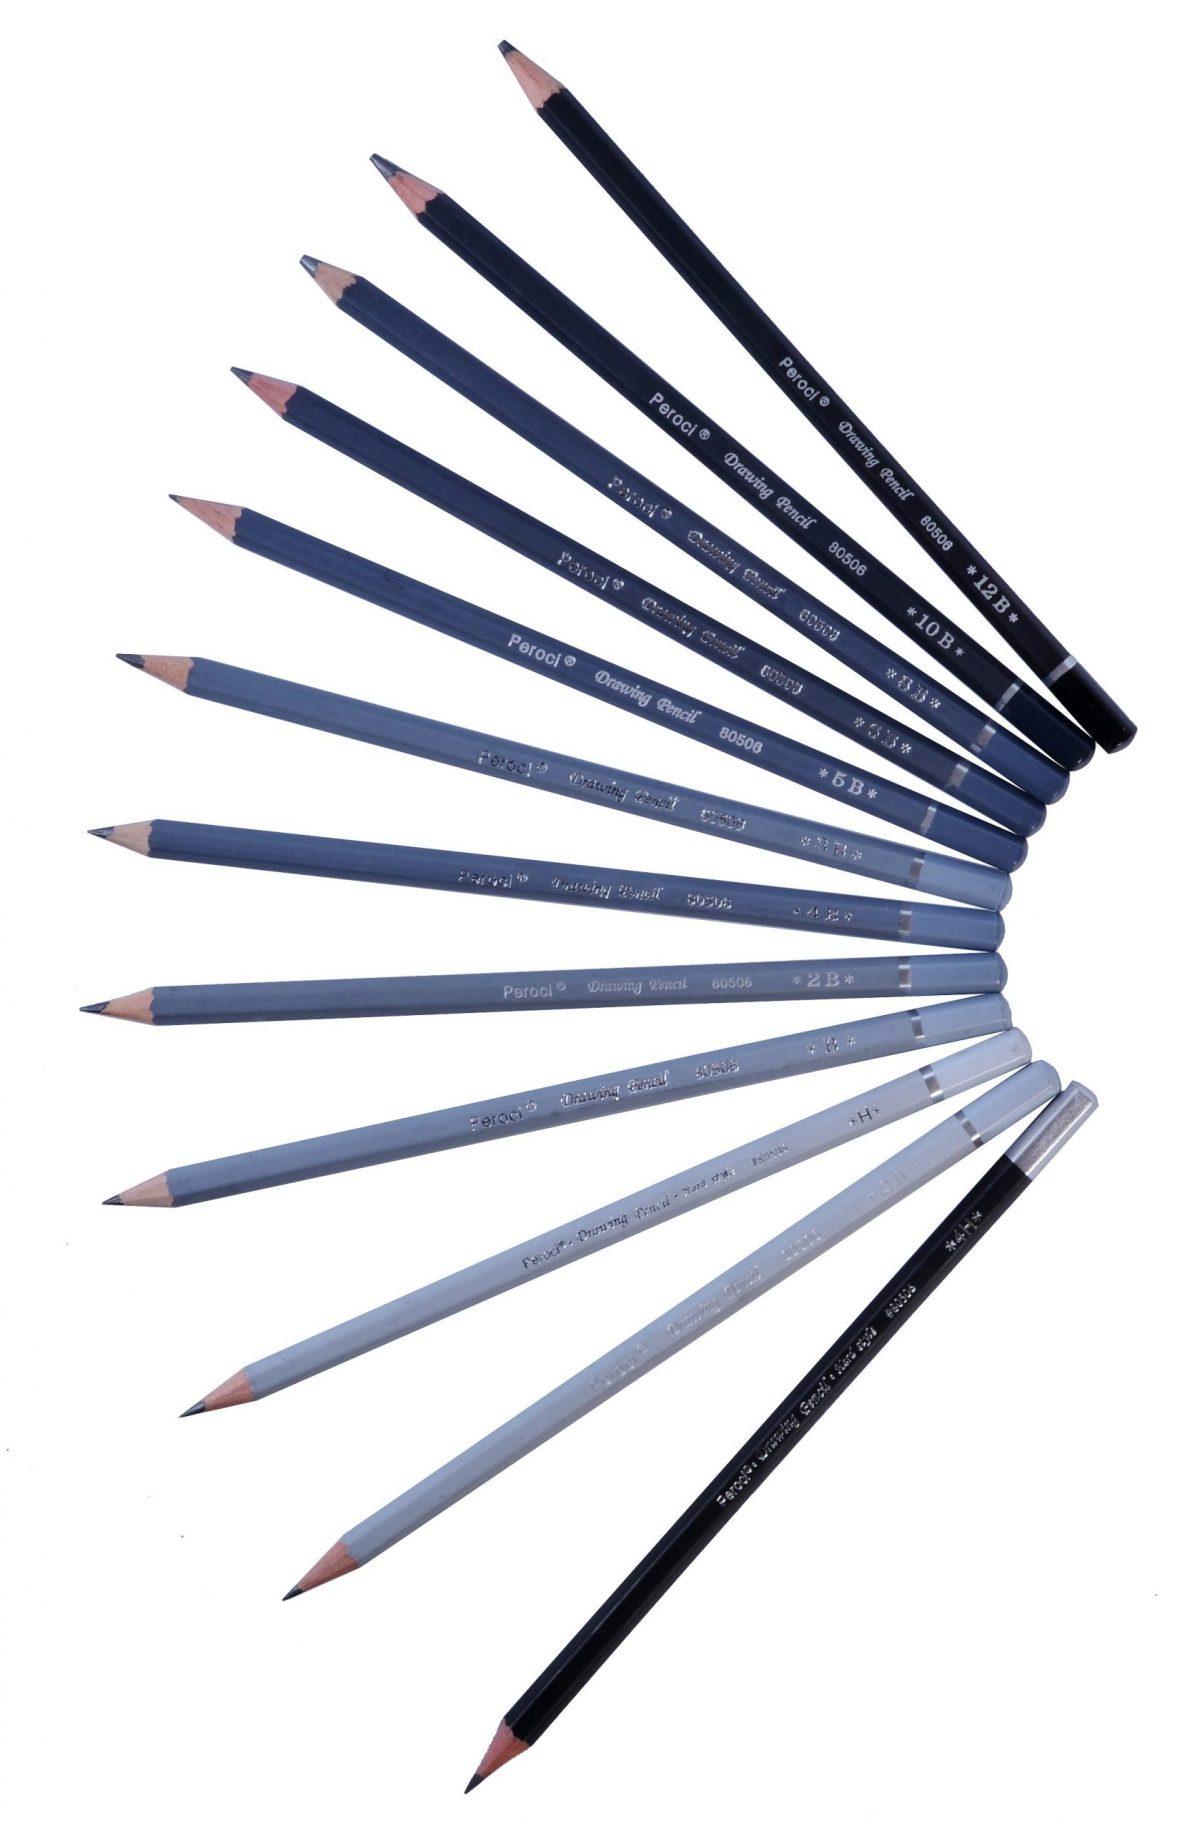 Набор чернографитовых карандашей Peroci, 12 штук.